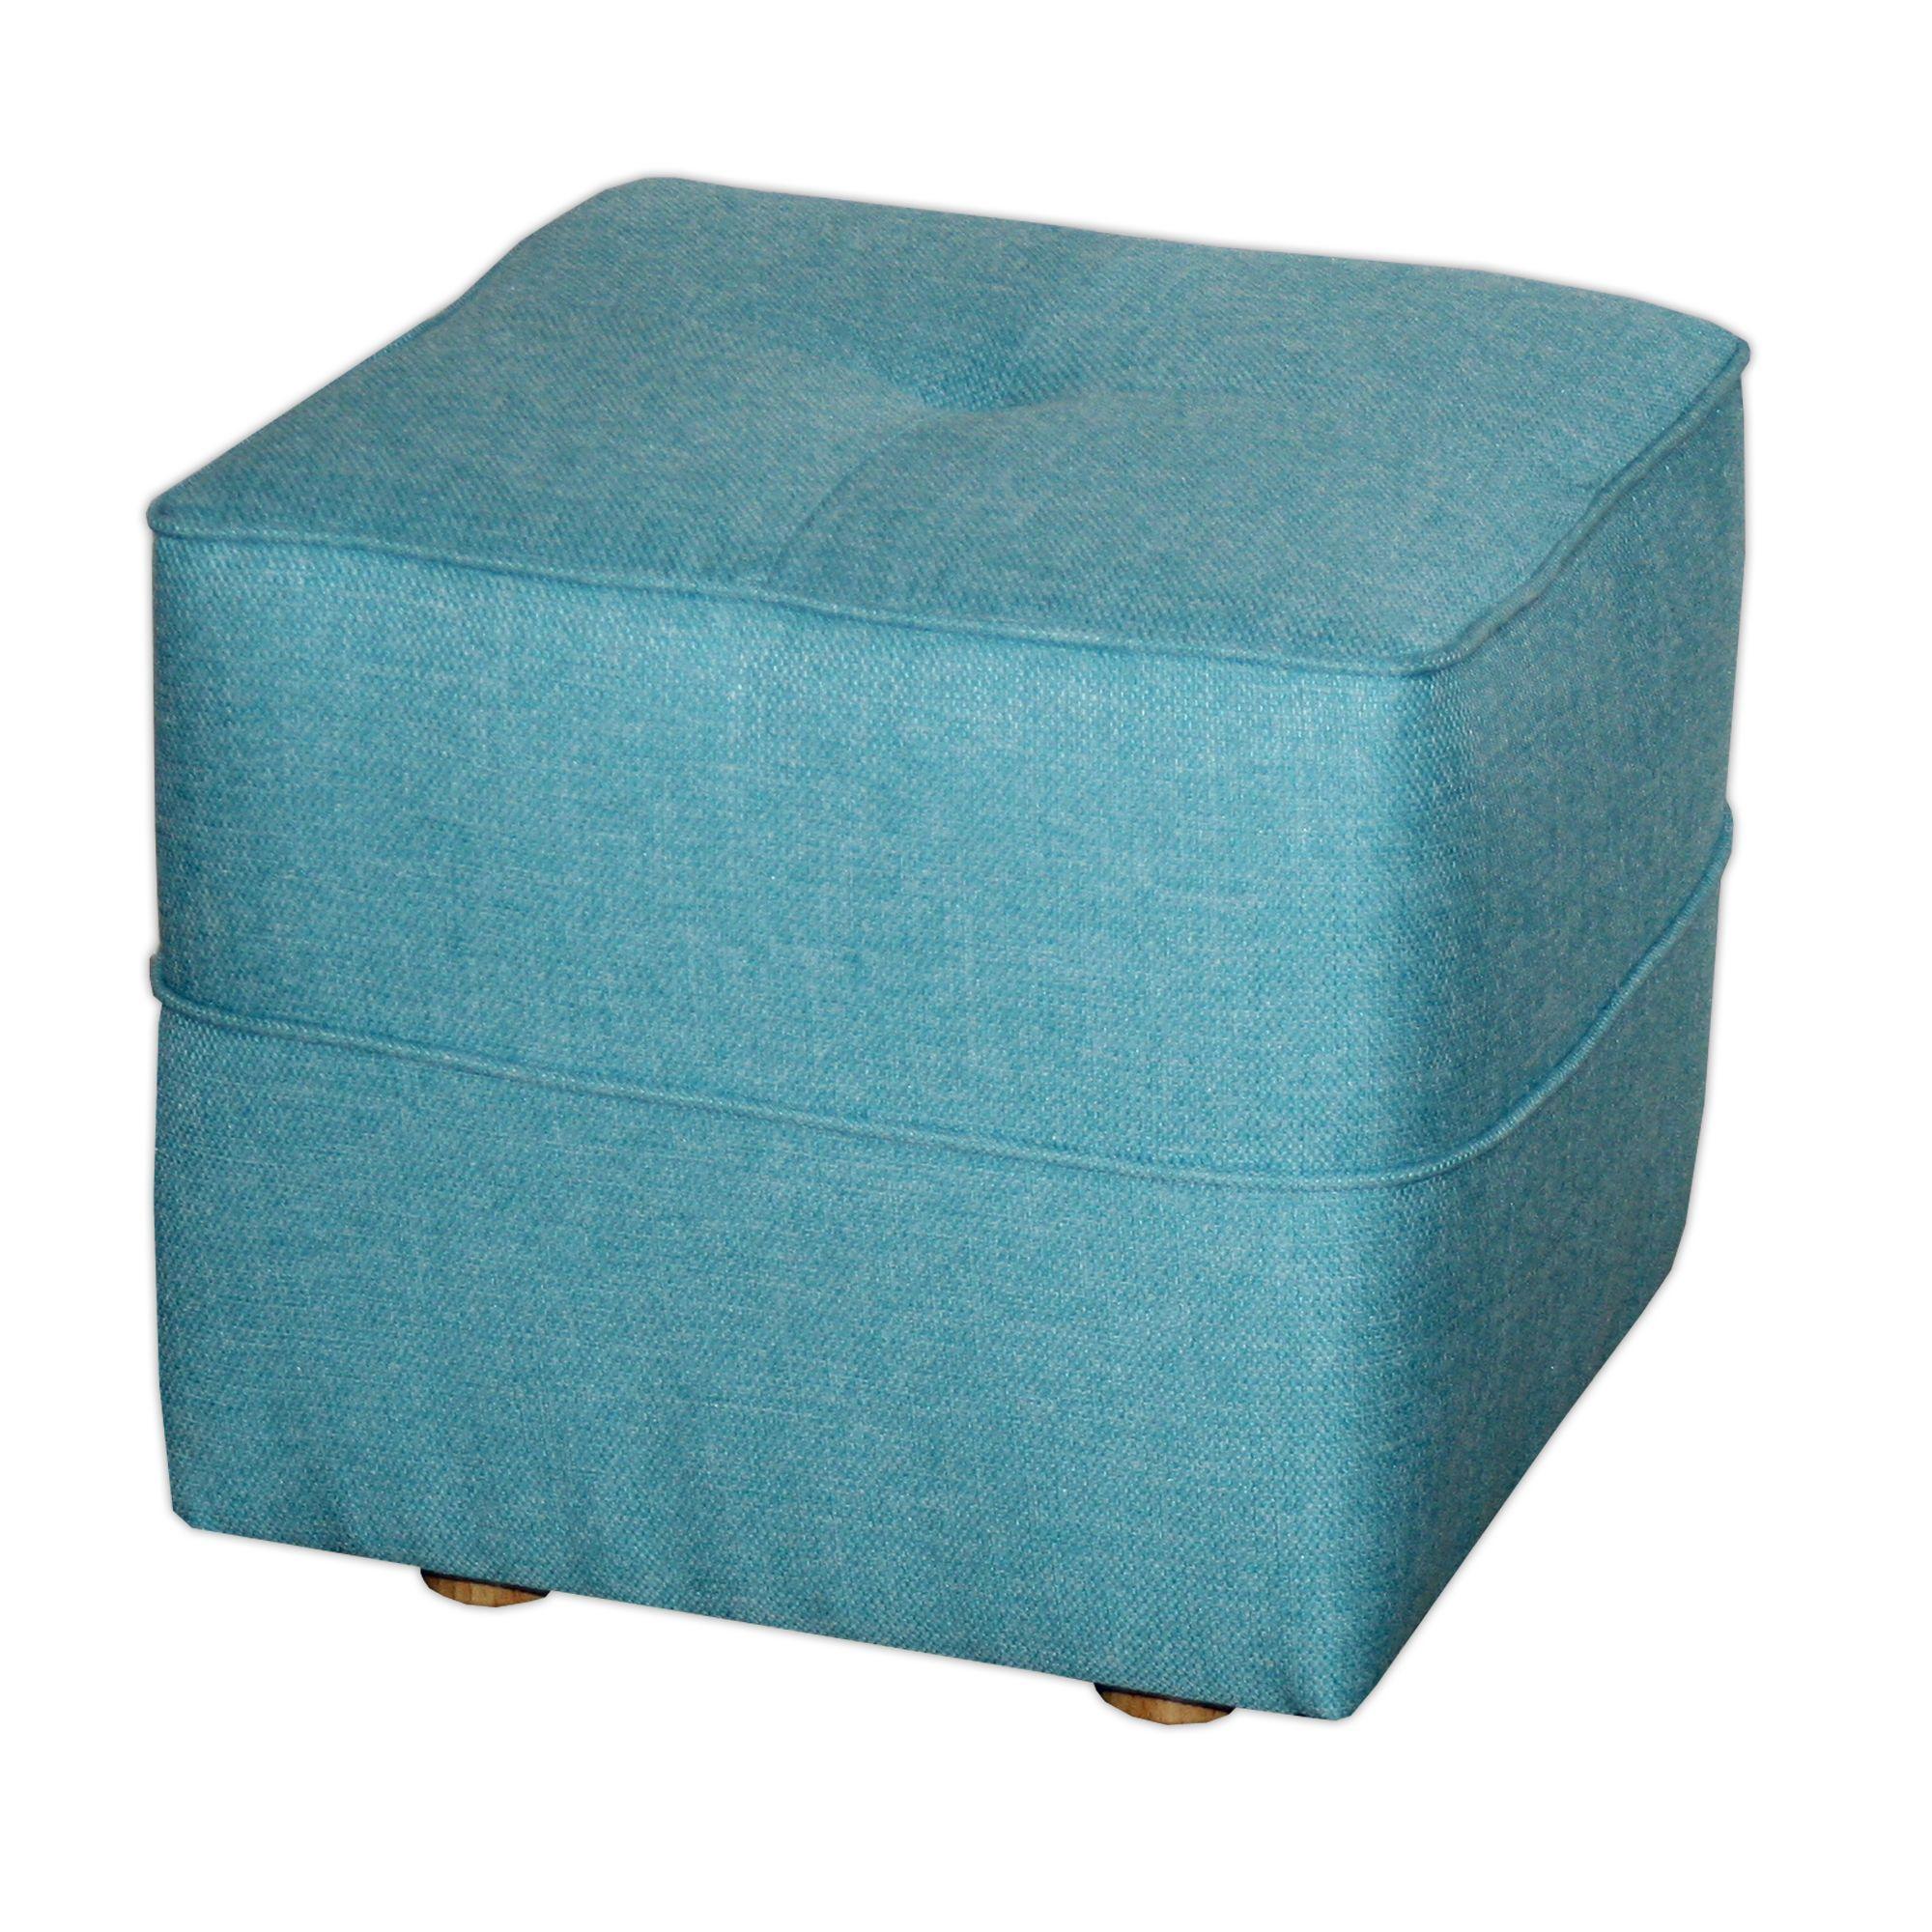 pouf bleu vicky canap poufs fauteuils et poufs salon et salle manger par pi ce. Black Bedroom Furniture Sets. Home Design Ideas